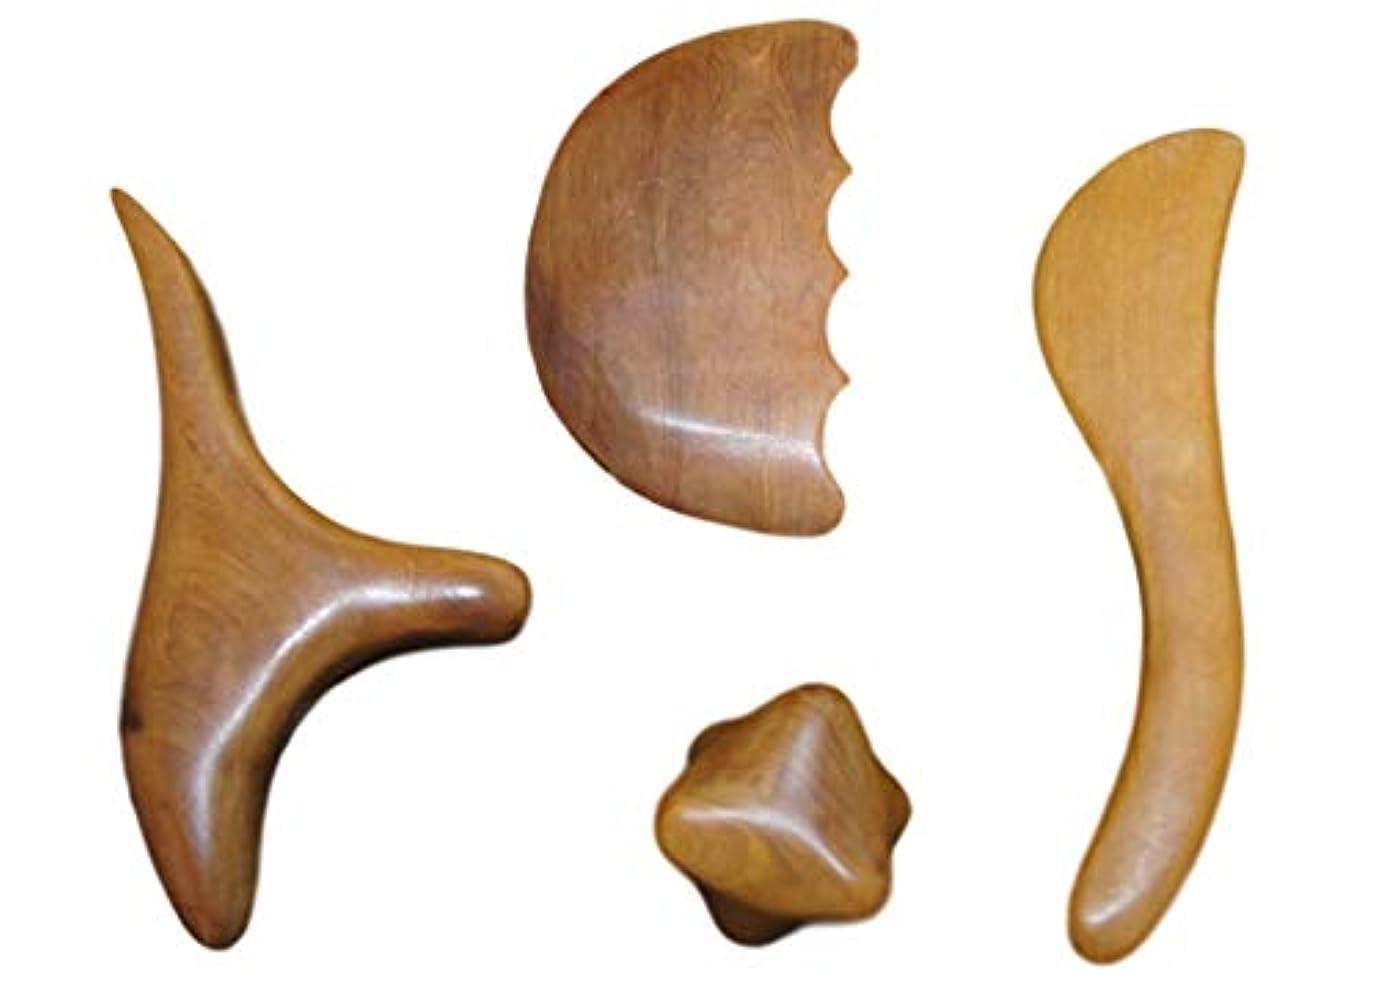 幻滅する緯度削除するIndivi R ツボ押し棒 4種類をセットで 持ちやすい 収納袋付き 押しやすい 天然木 マッサージ棒 按摩棒 10000セット完売記念 特価